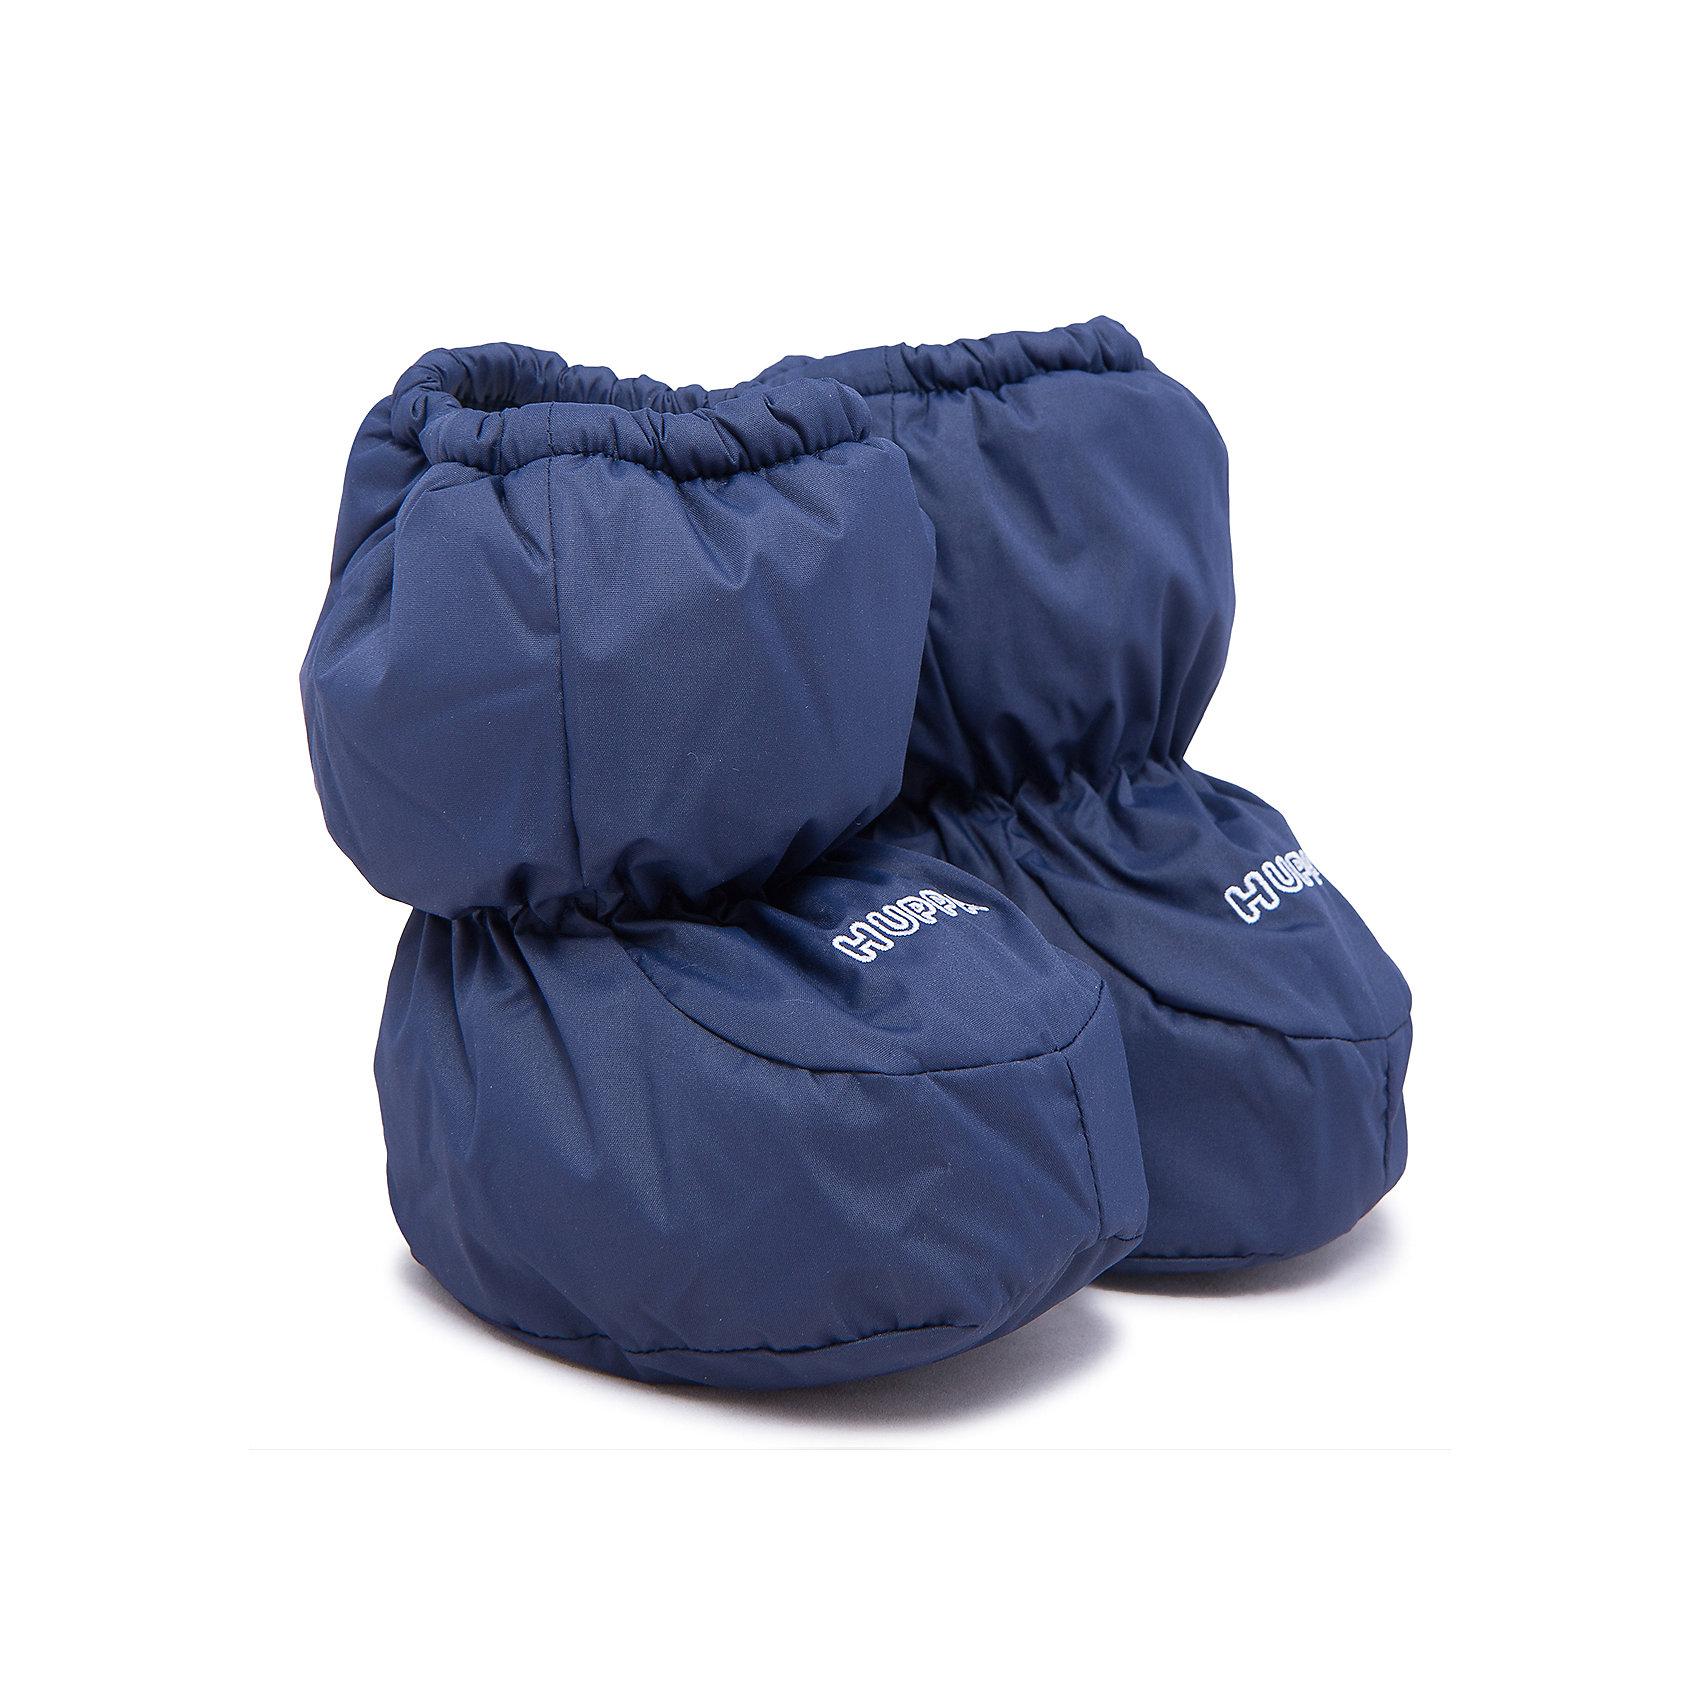 Пинетки для мальчика HuppaПинетки и царапки<br>Пинетки  Huppa<br><br>Первые прогулочные пинетки для коляски, согреют Вашего малыша в прохладную погоду.<br><br>Состав: 100% Полиэстер<br><br>Ширина мм: 157<br>Глубина мм: 13<br>Высота мм: 119<br>Вес г: 200<br>Цвет: синий<br>Возраст от месяцев: 0<br>Возраст до месяцев: 12<br>Пол: Мужской<br>Возраст: Детский<br>Размер: one size<br>SKU: 4923949